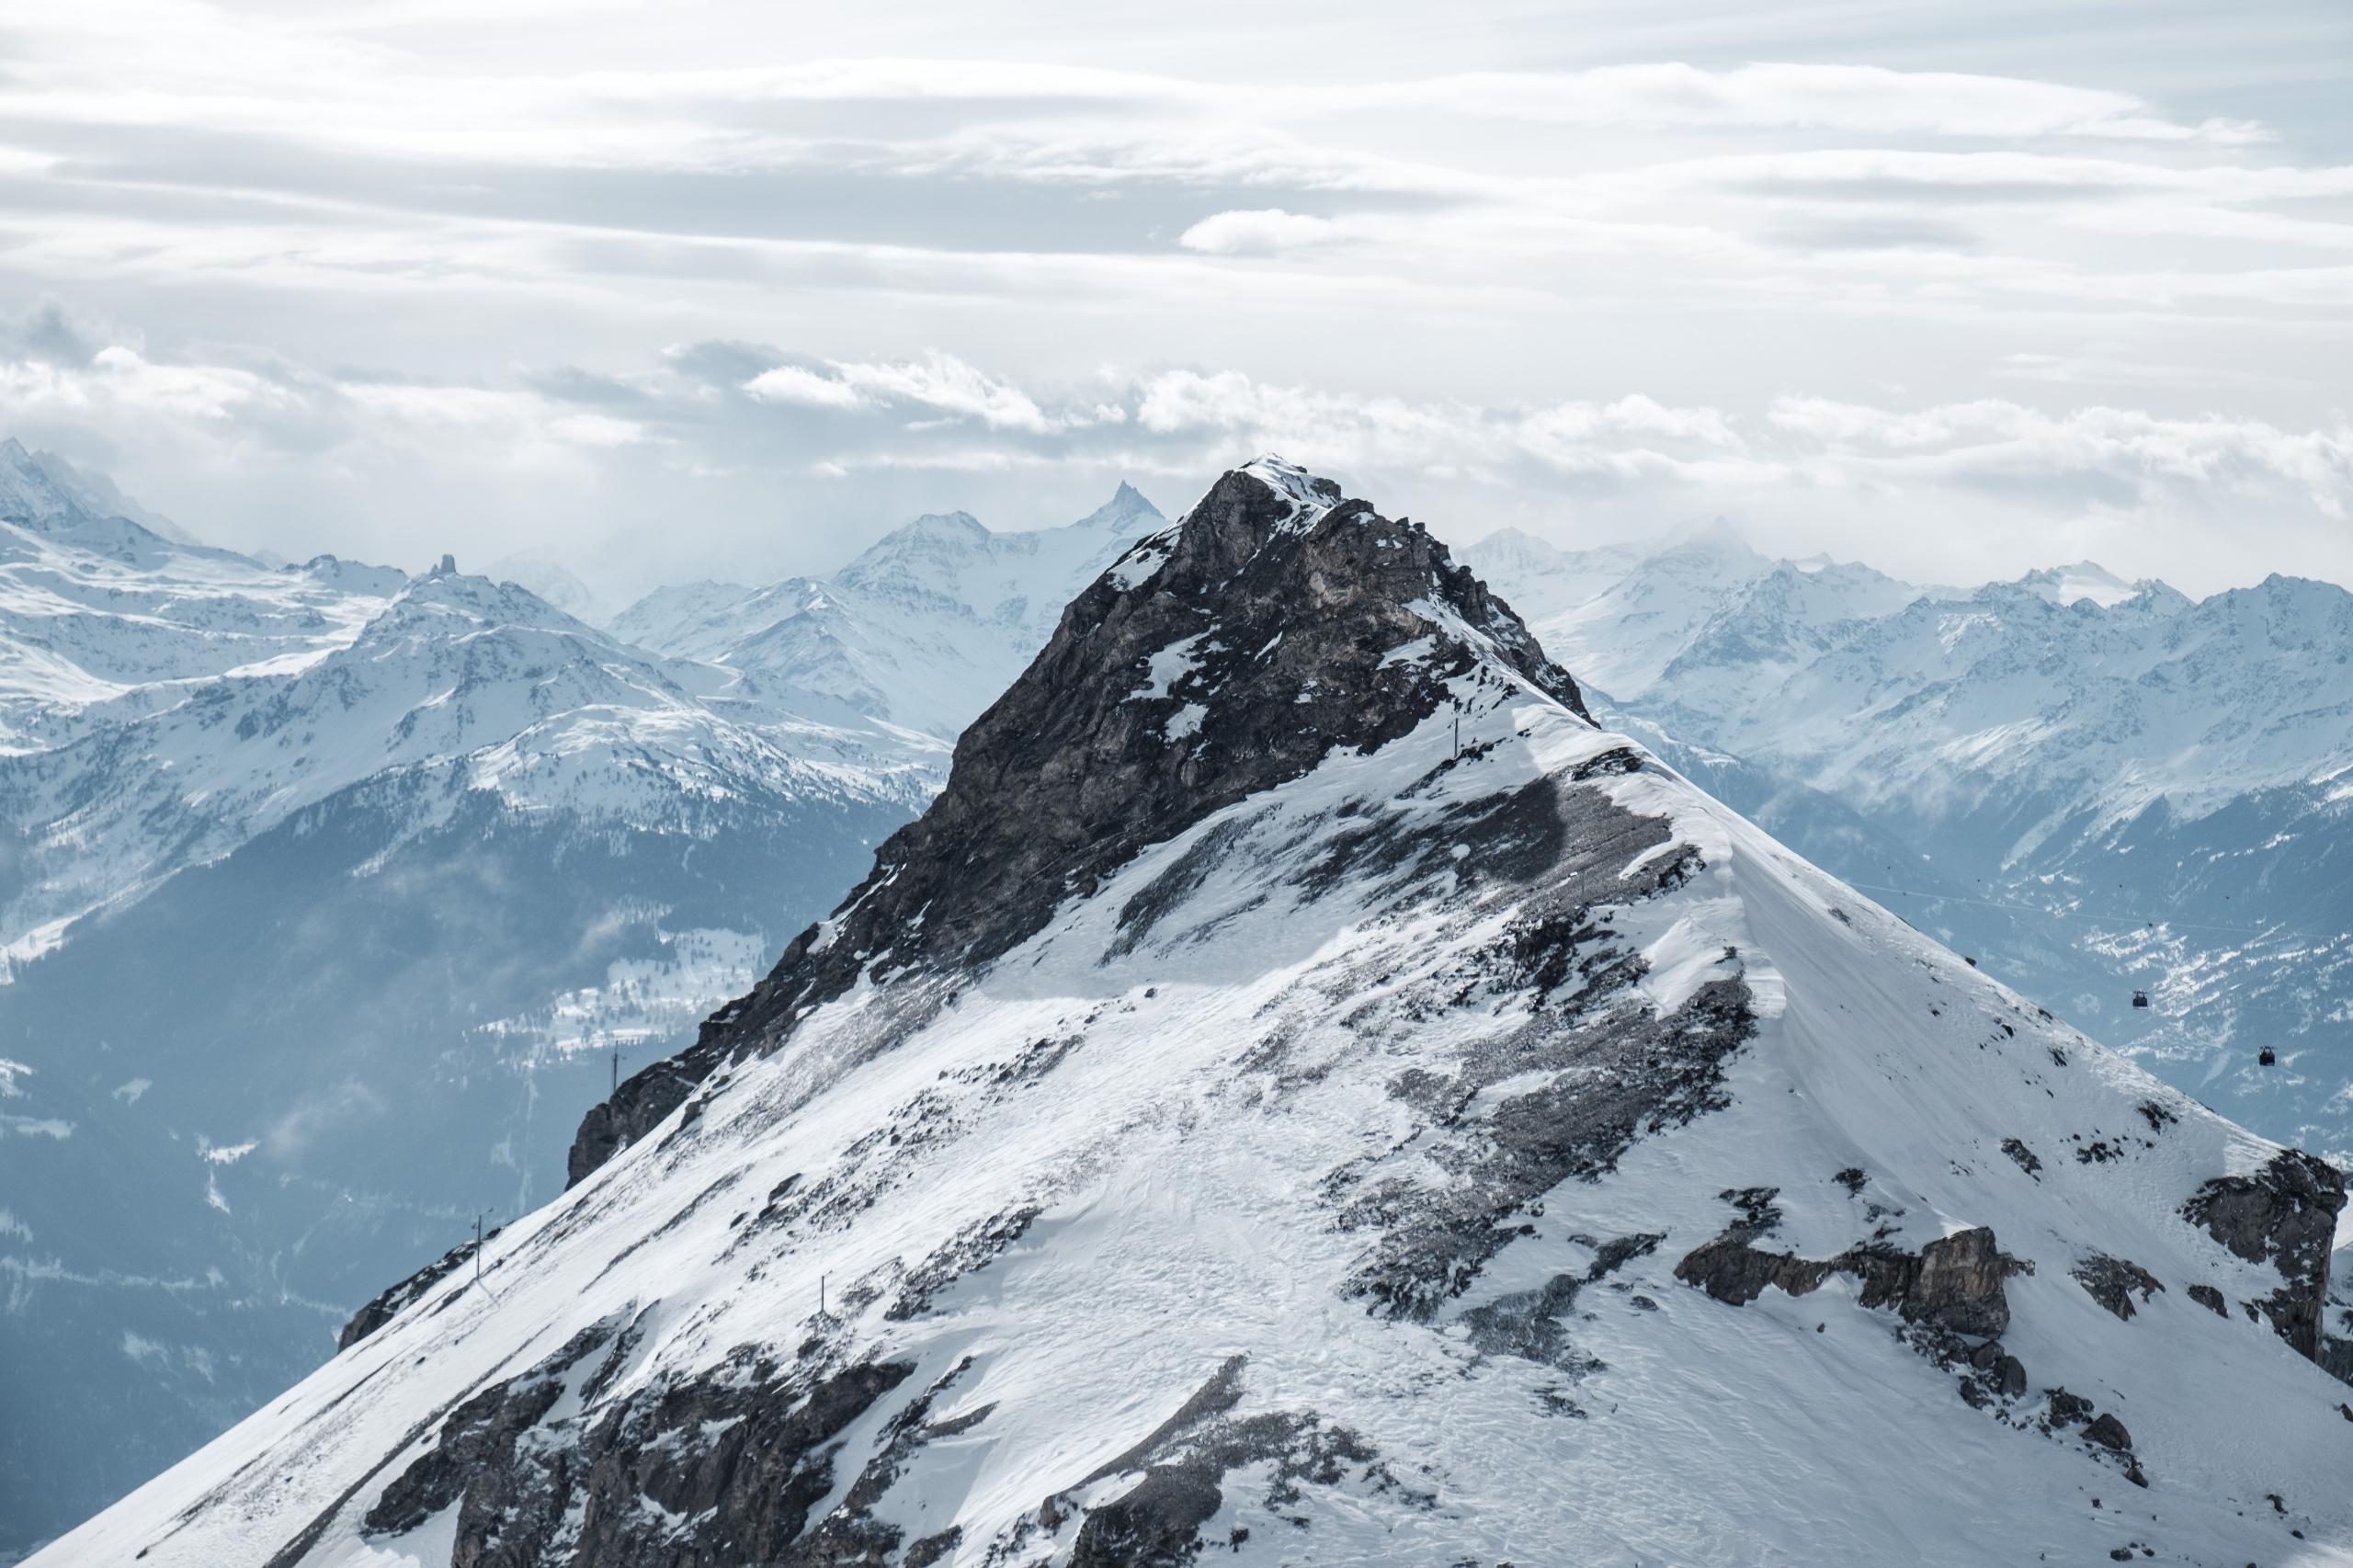 Layers Switzerland - jfobranco | ello